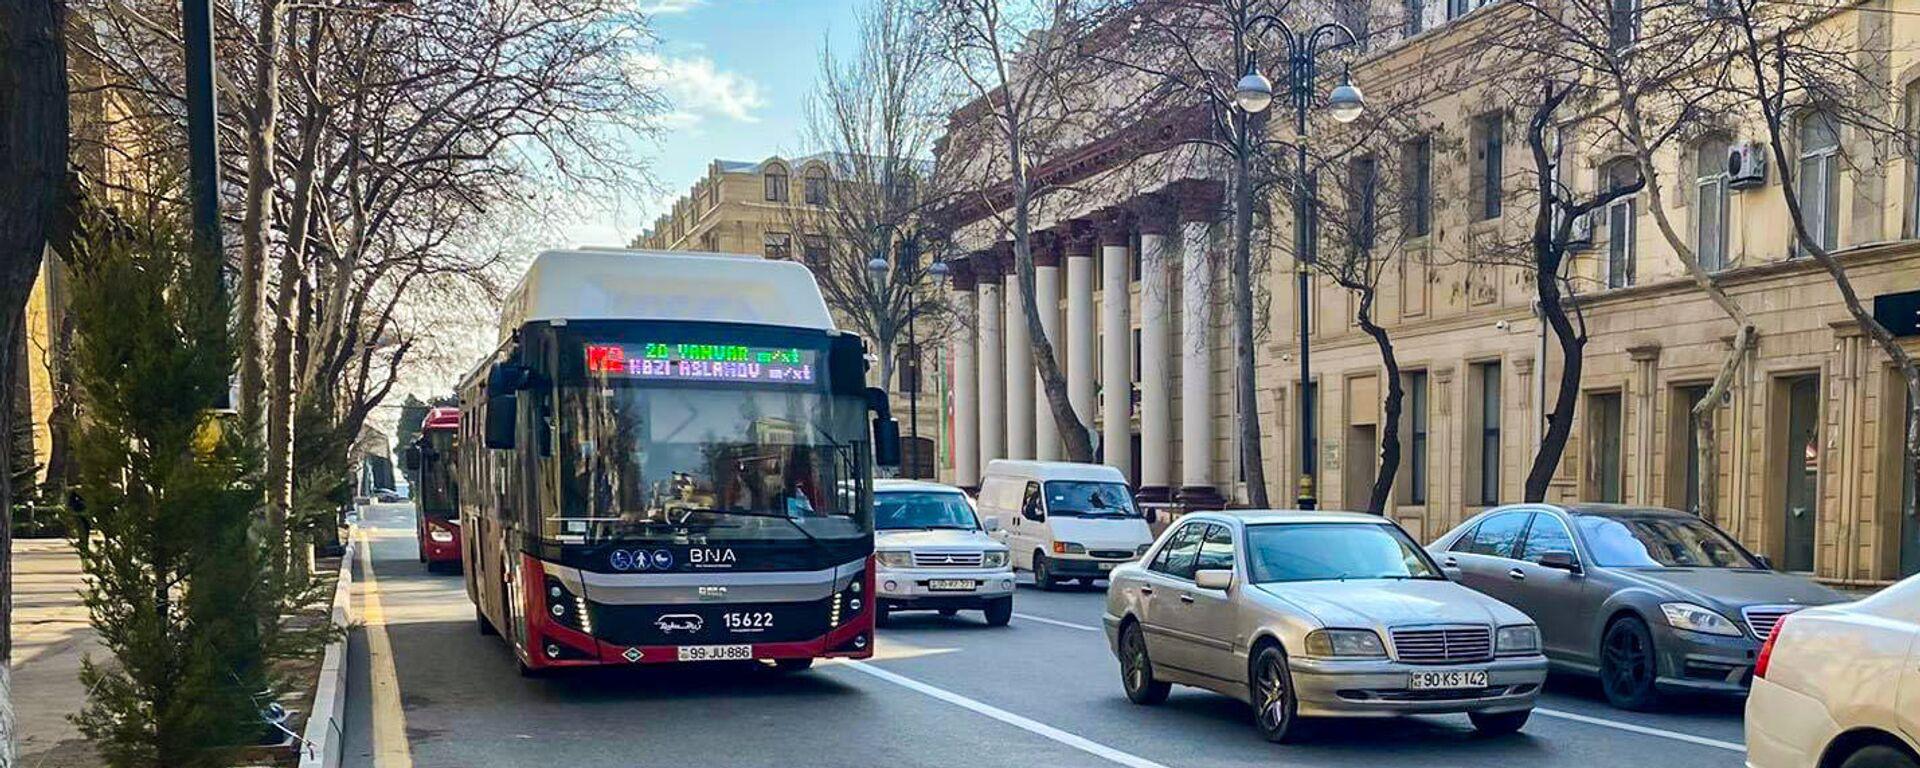 Автобус на спецполосе в Баку, фото из архива - Sputnik Азербайджан, 1920, 27.02.2021